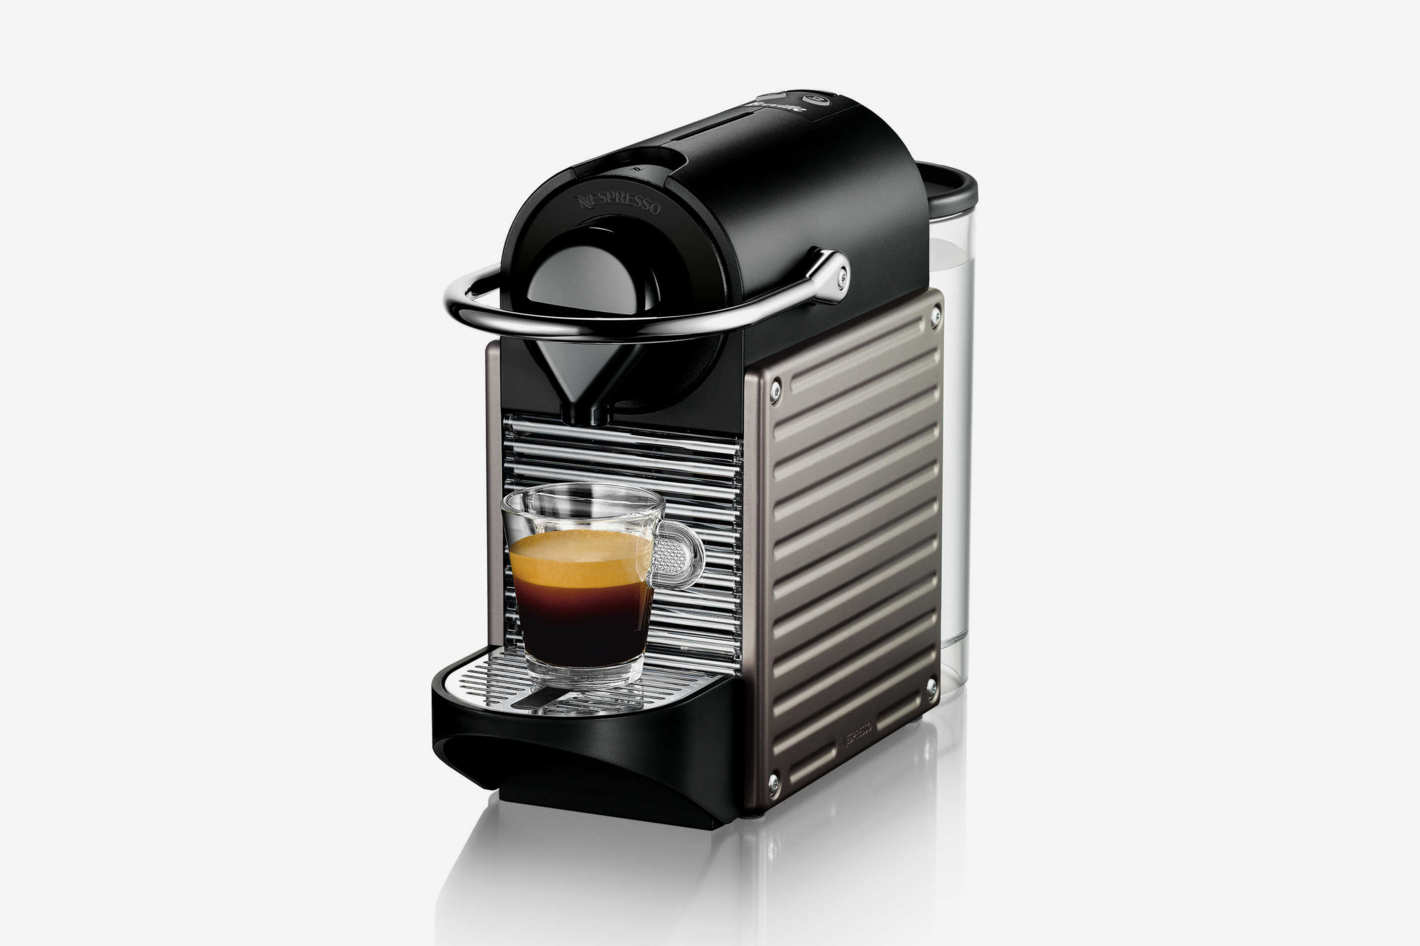 Nespresso by Breville Pixie Espresso Maker in Titanium